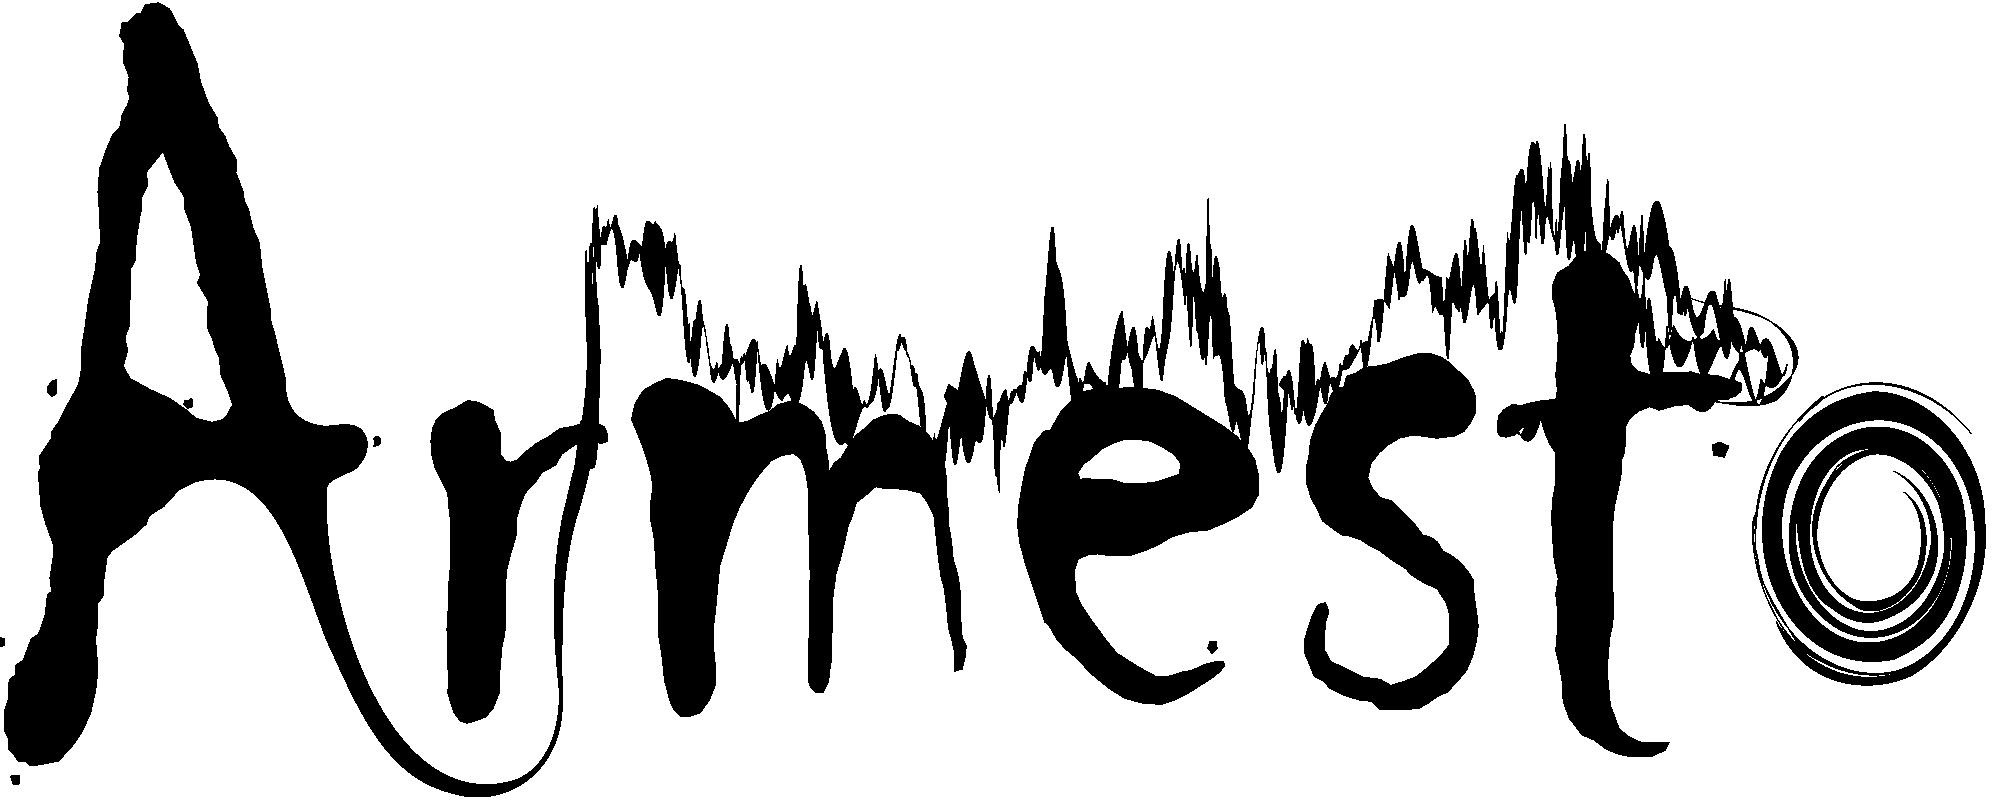 Dfd6dexsrl6m8zcj2i7j